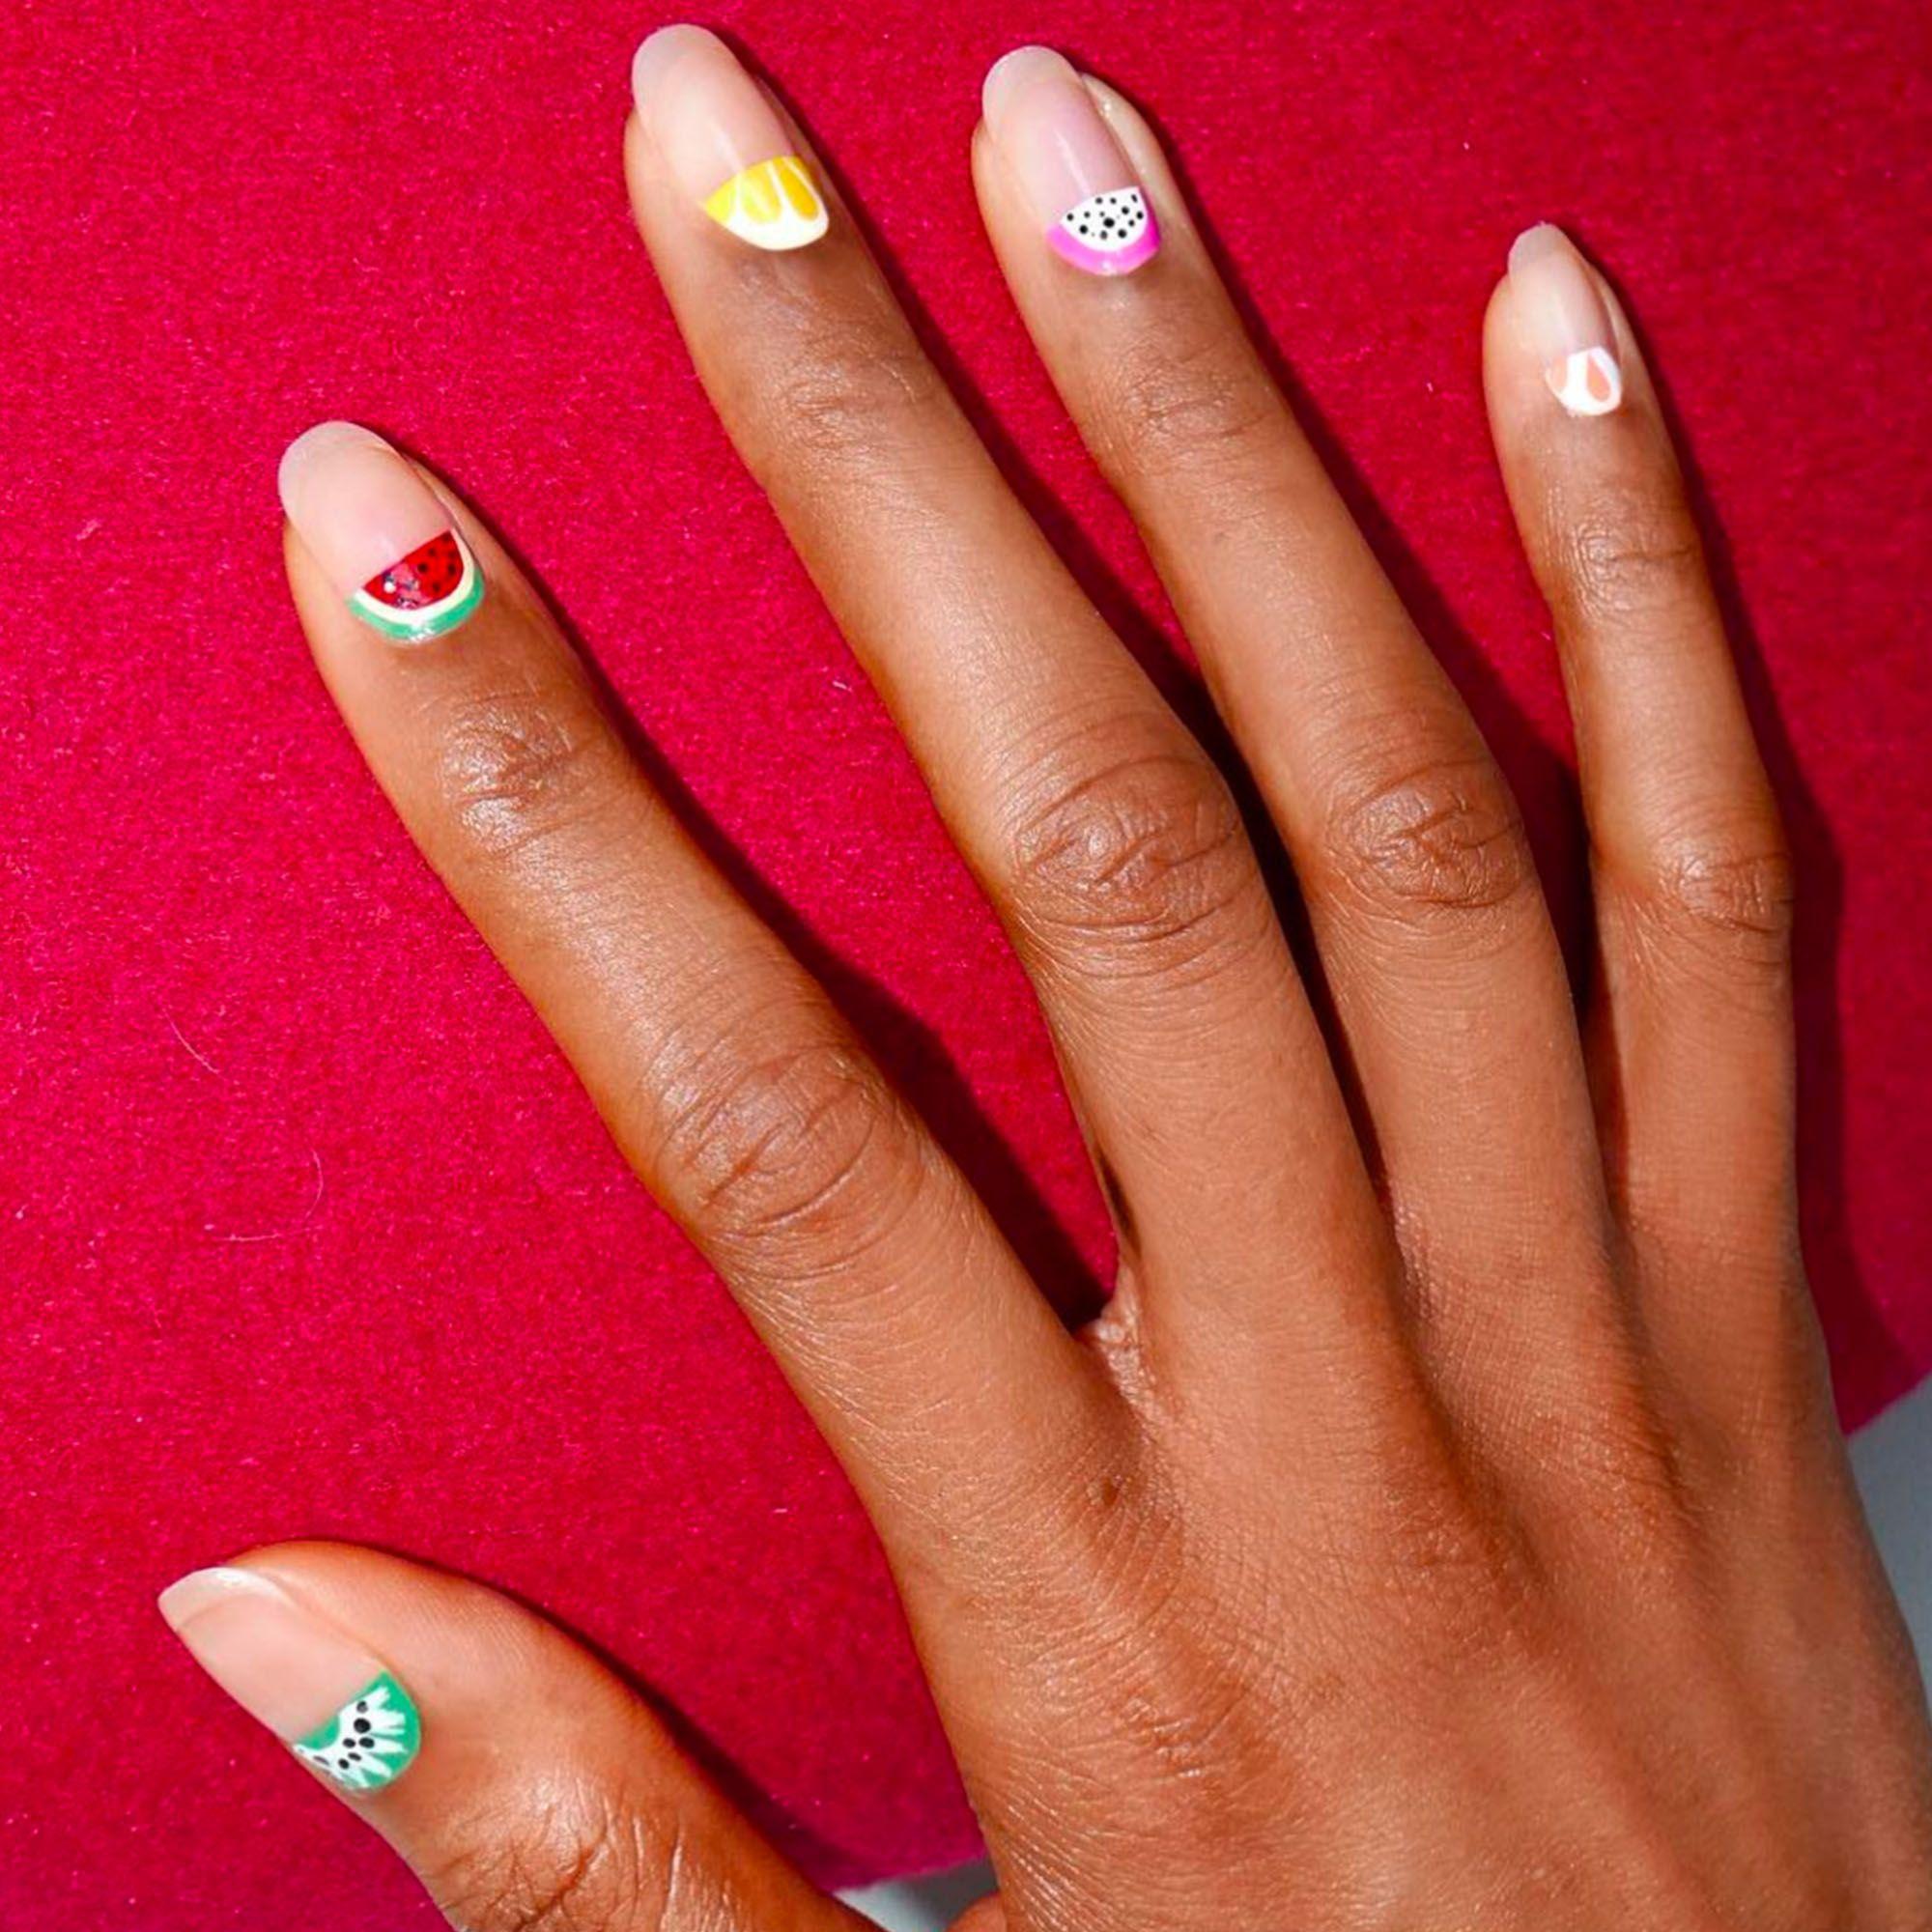 Nail Polish Colors For Cool Skin Tones: 20 Cool Summer Nail Art Designs